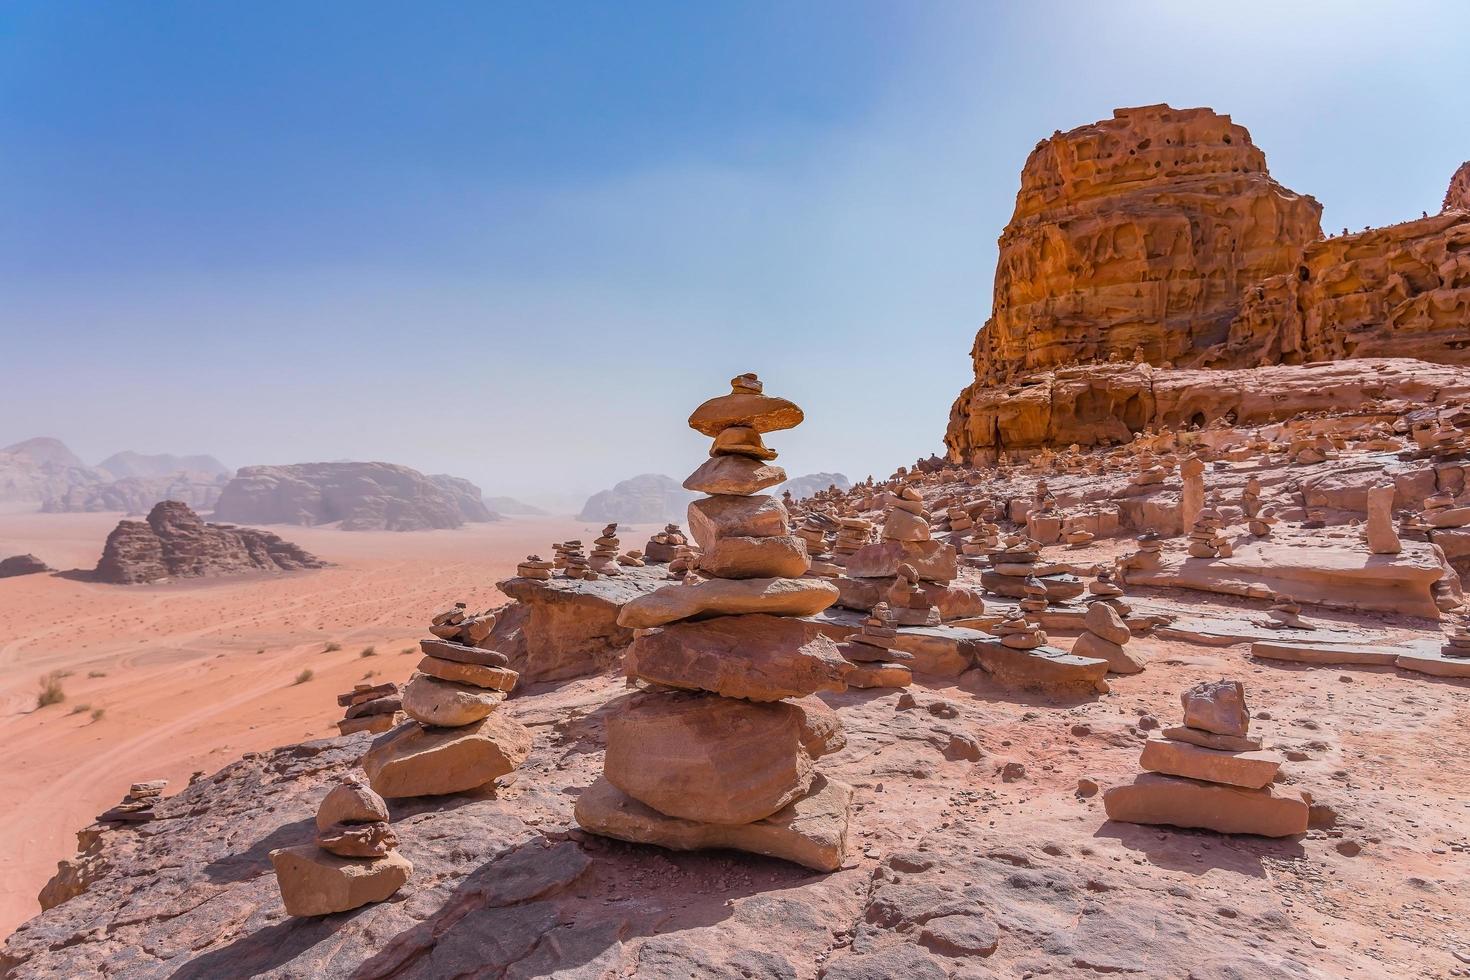 Red mountains of Wadi Rum desert in Jordan photo